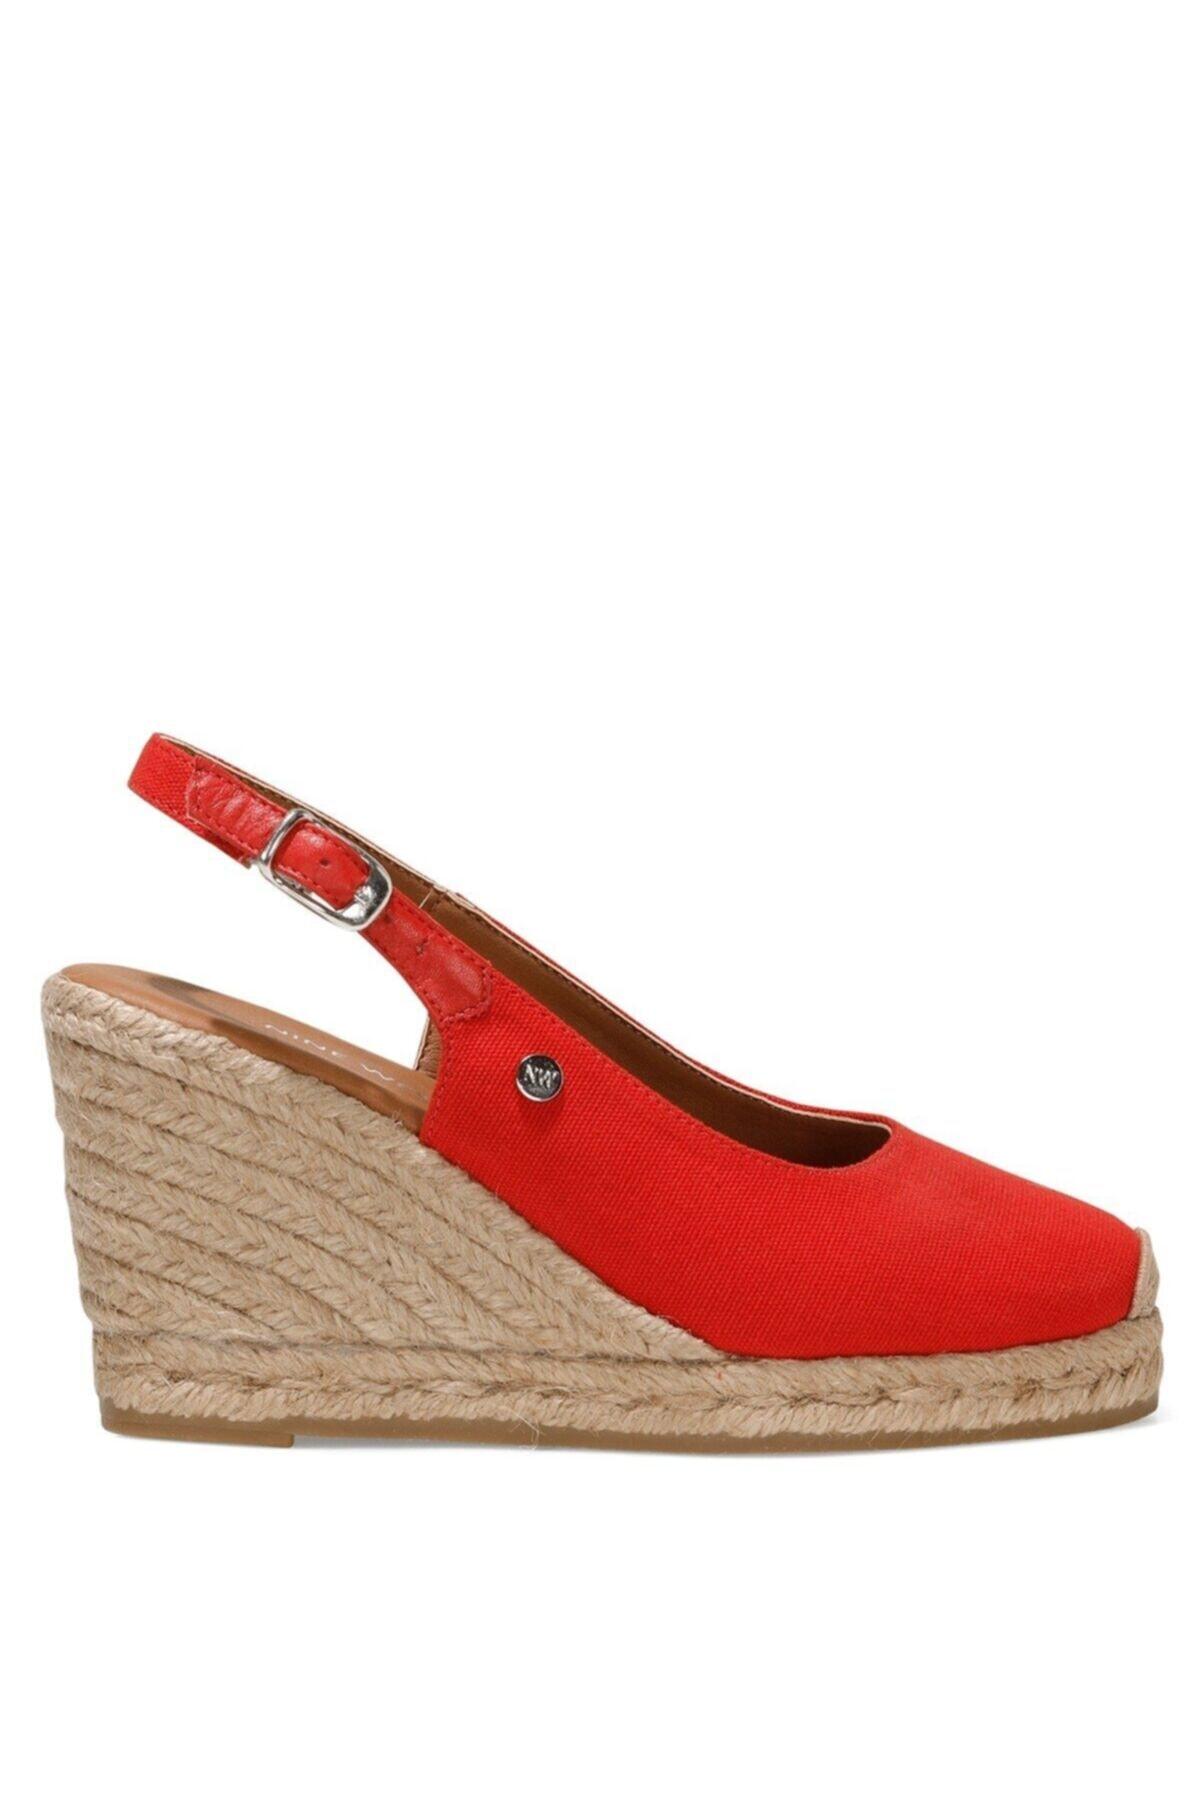 PUJICO 1FX Kırmızı Kadın Dolgu Topuklu Sandalet 101030691